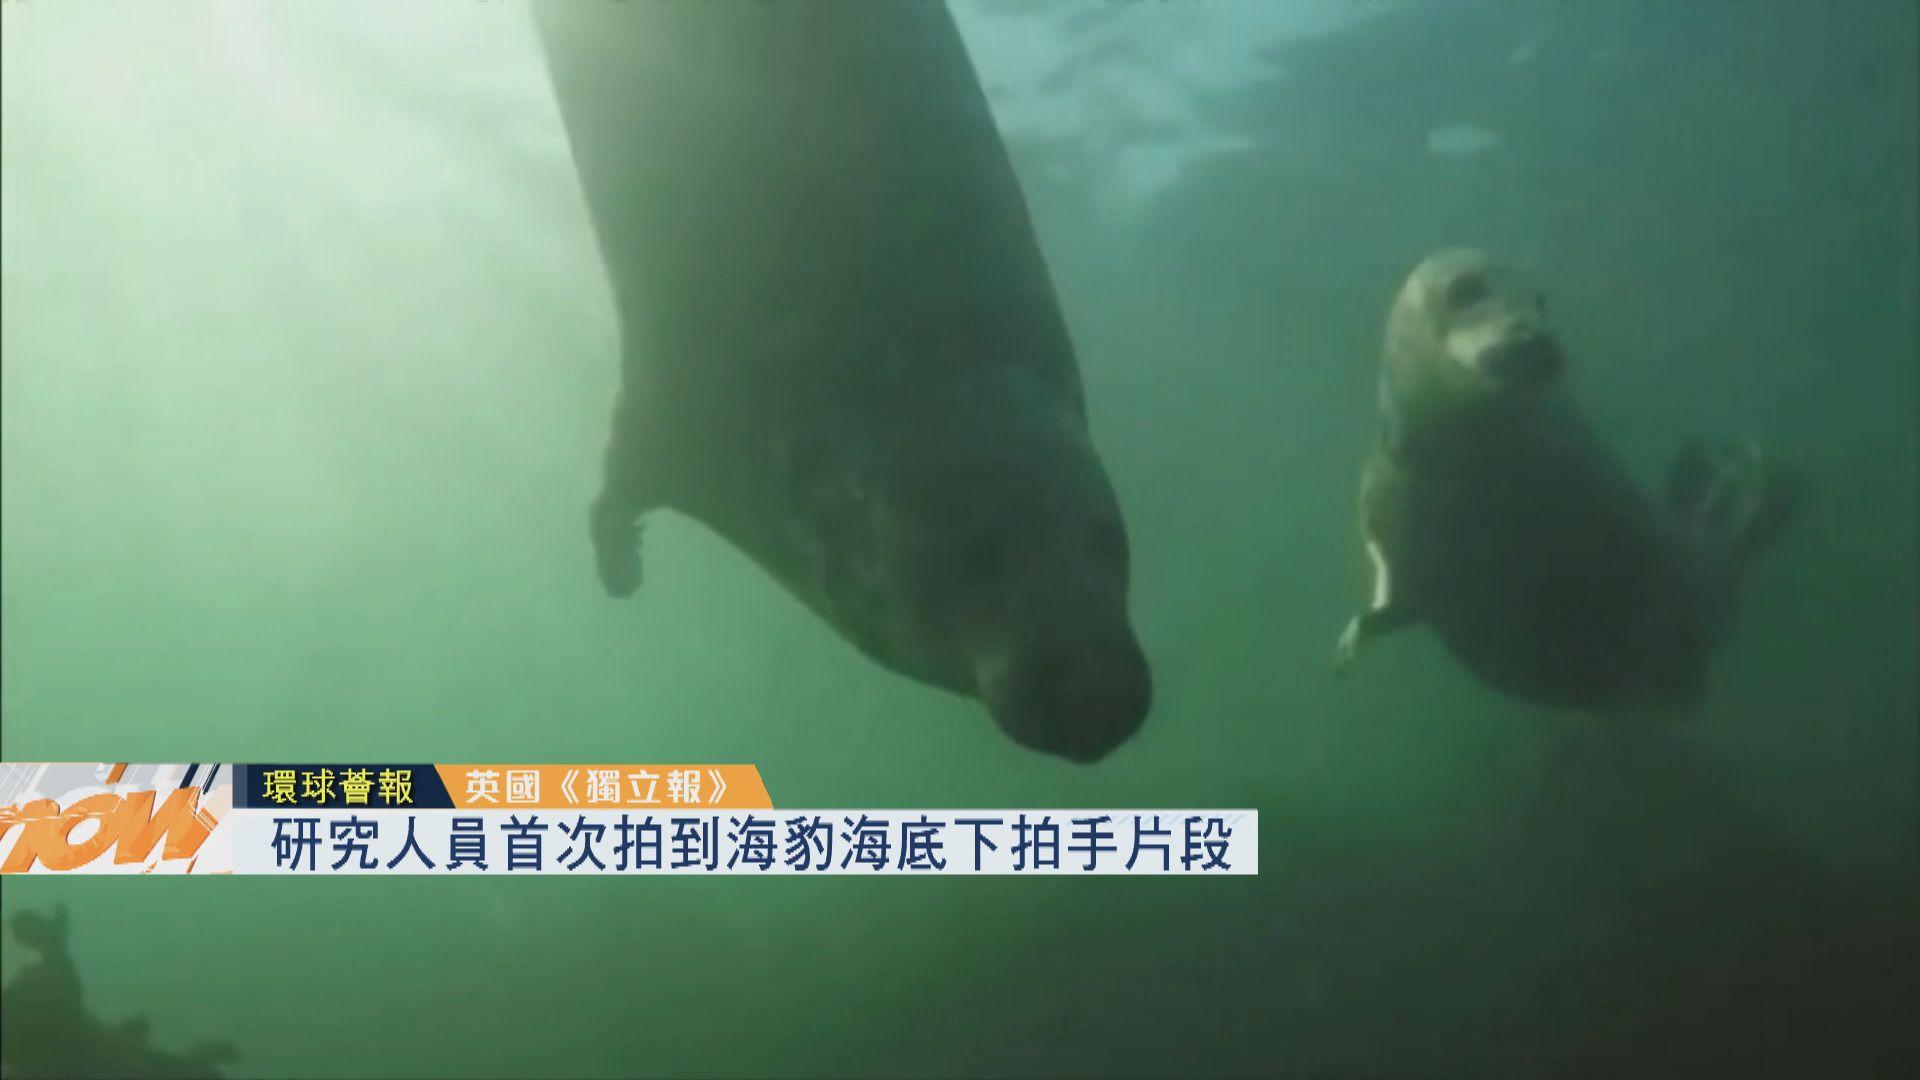 【環球薈報】研究人員首次拍到海豹海底下拍手片段